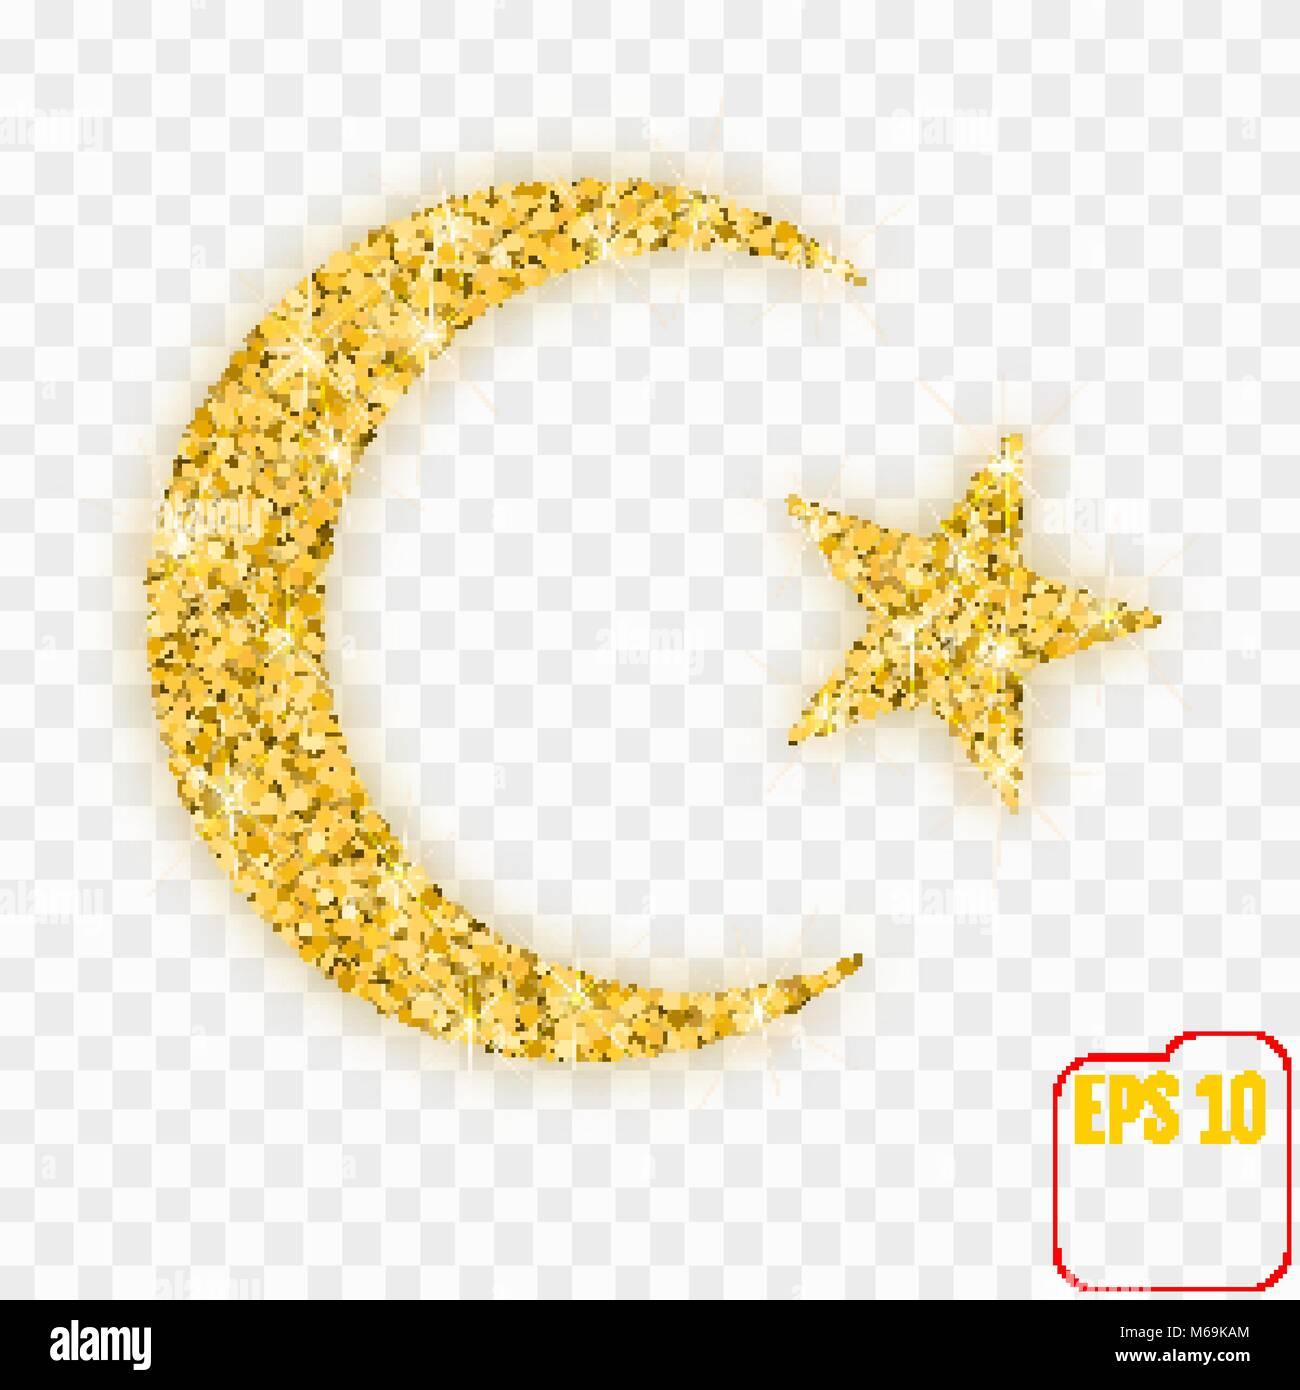 Star And Crescent Moon Islam Symbol Gold Confetti Concept Vector